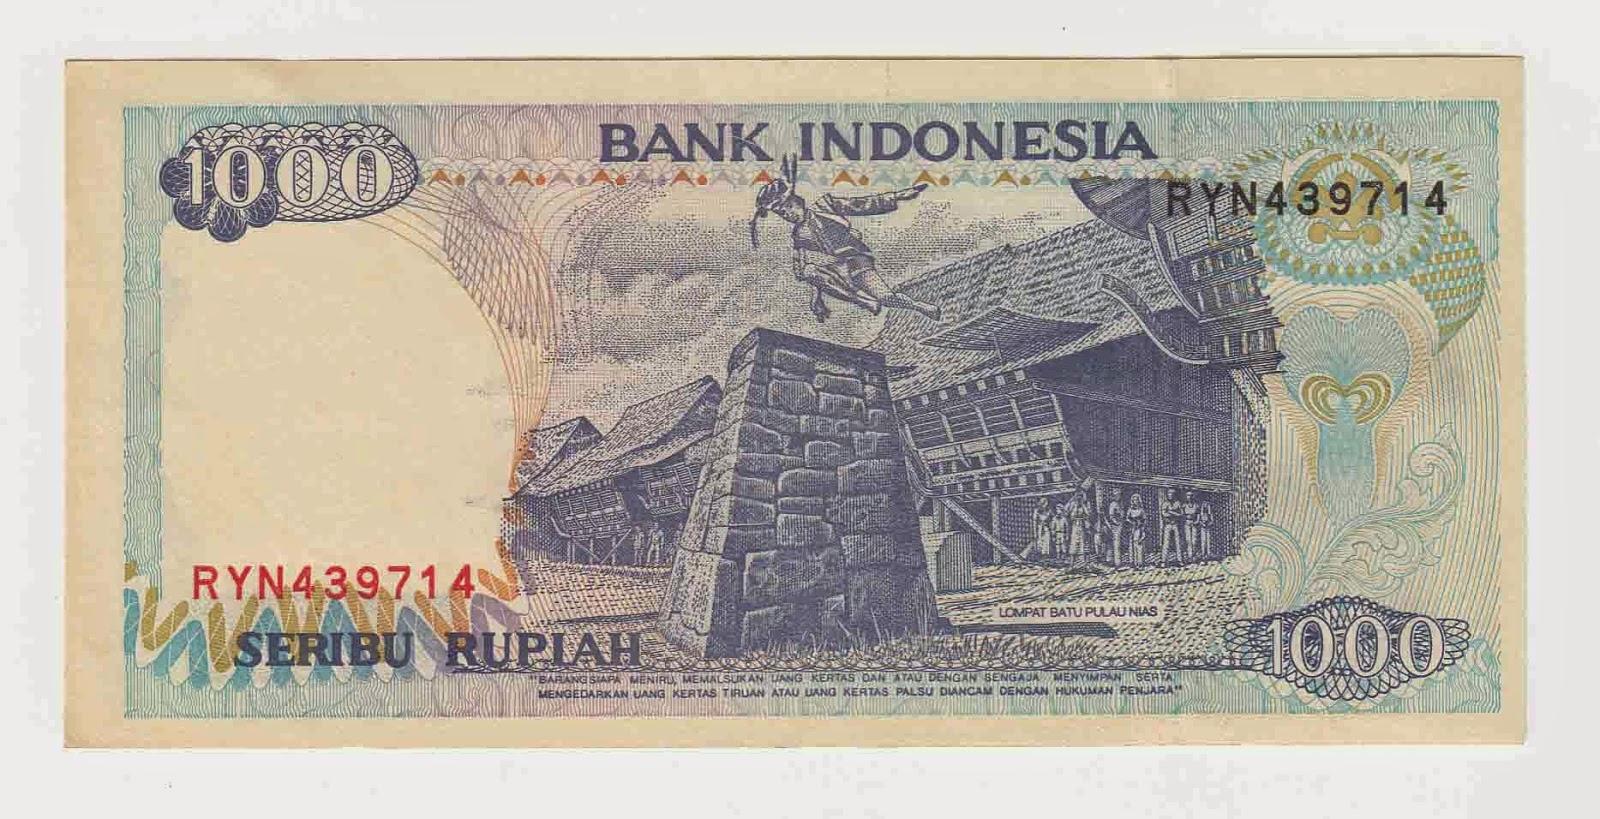 Uang pecahan Rp 1000 yang mengabdikan tradisi lompat batu, Sumber: 5.2.bp.blogspot.com